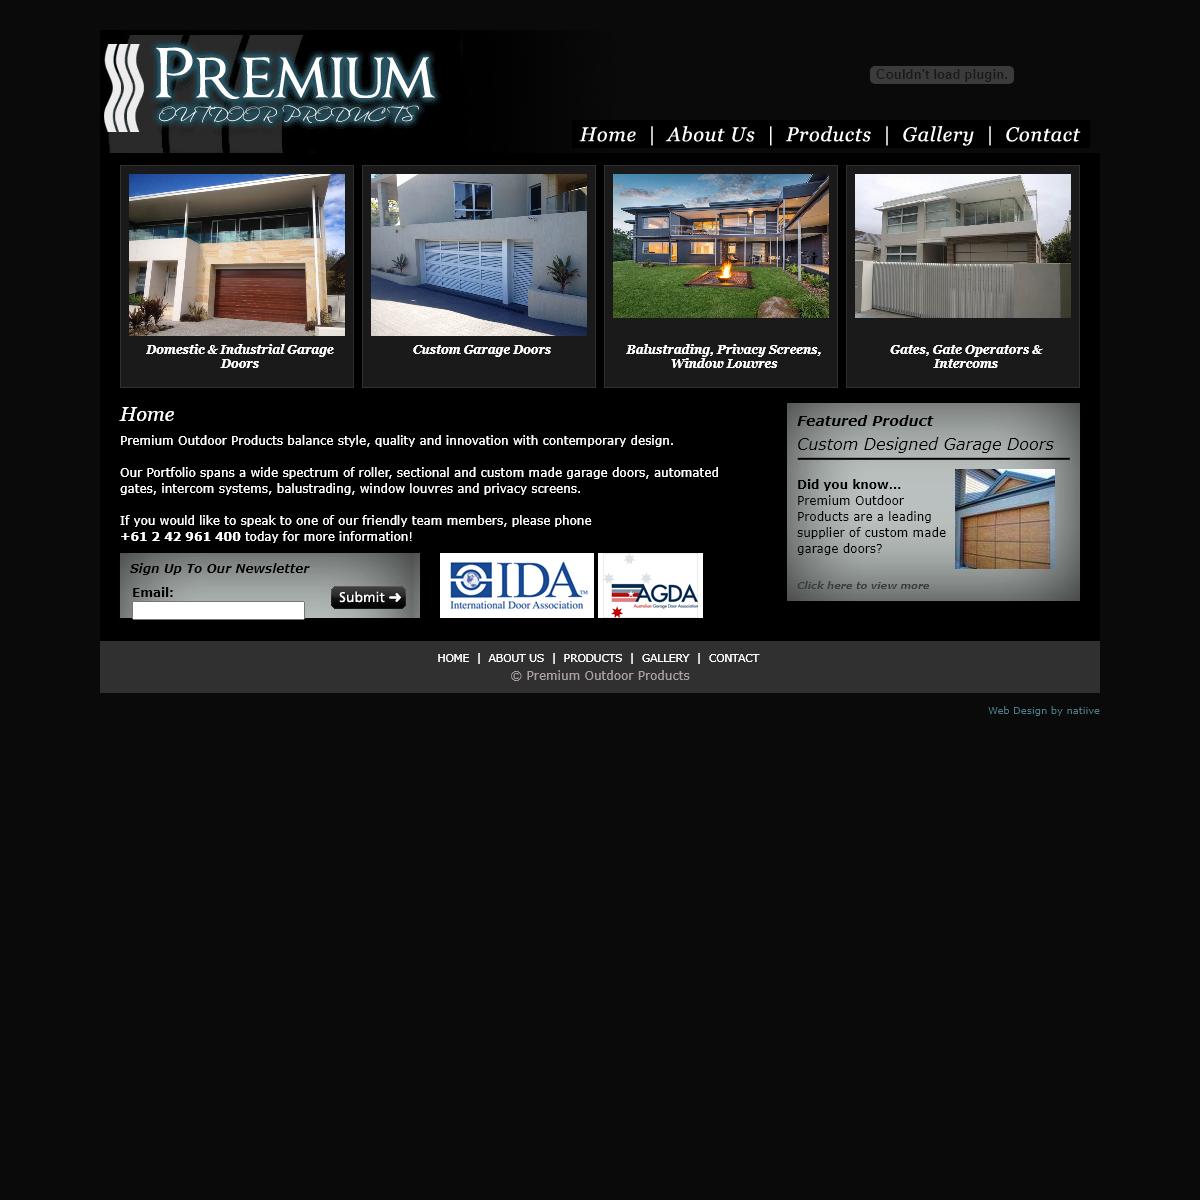 Premium Outdoors